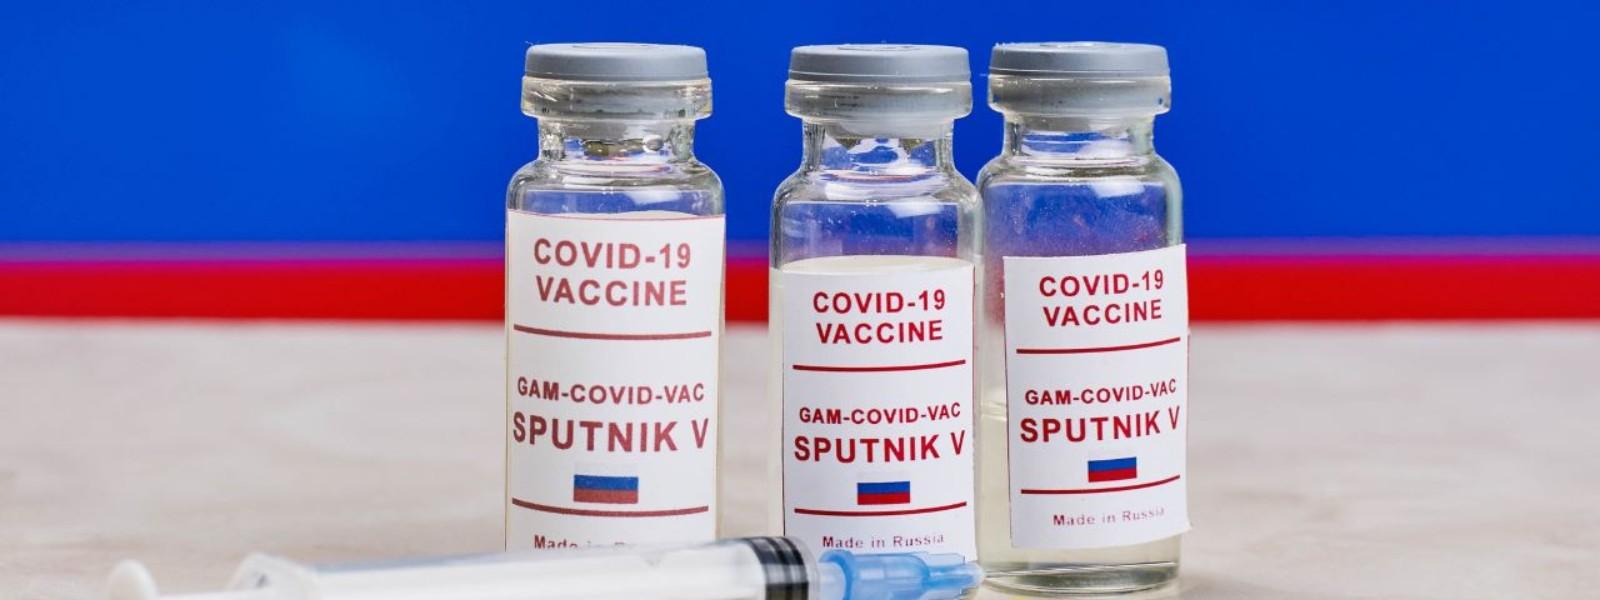 185,000 Sputnik-V jabs to Sri Lanka in coming weeks: SPC